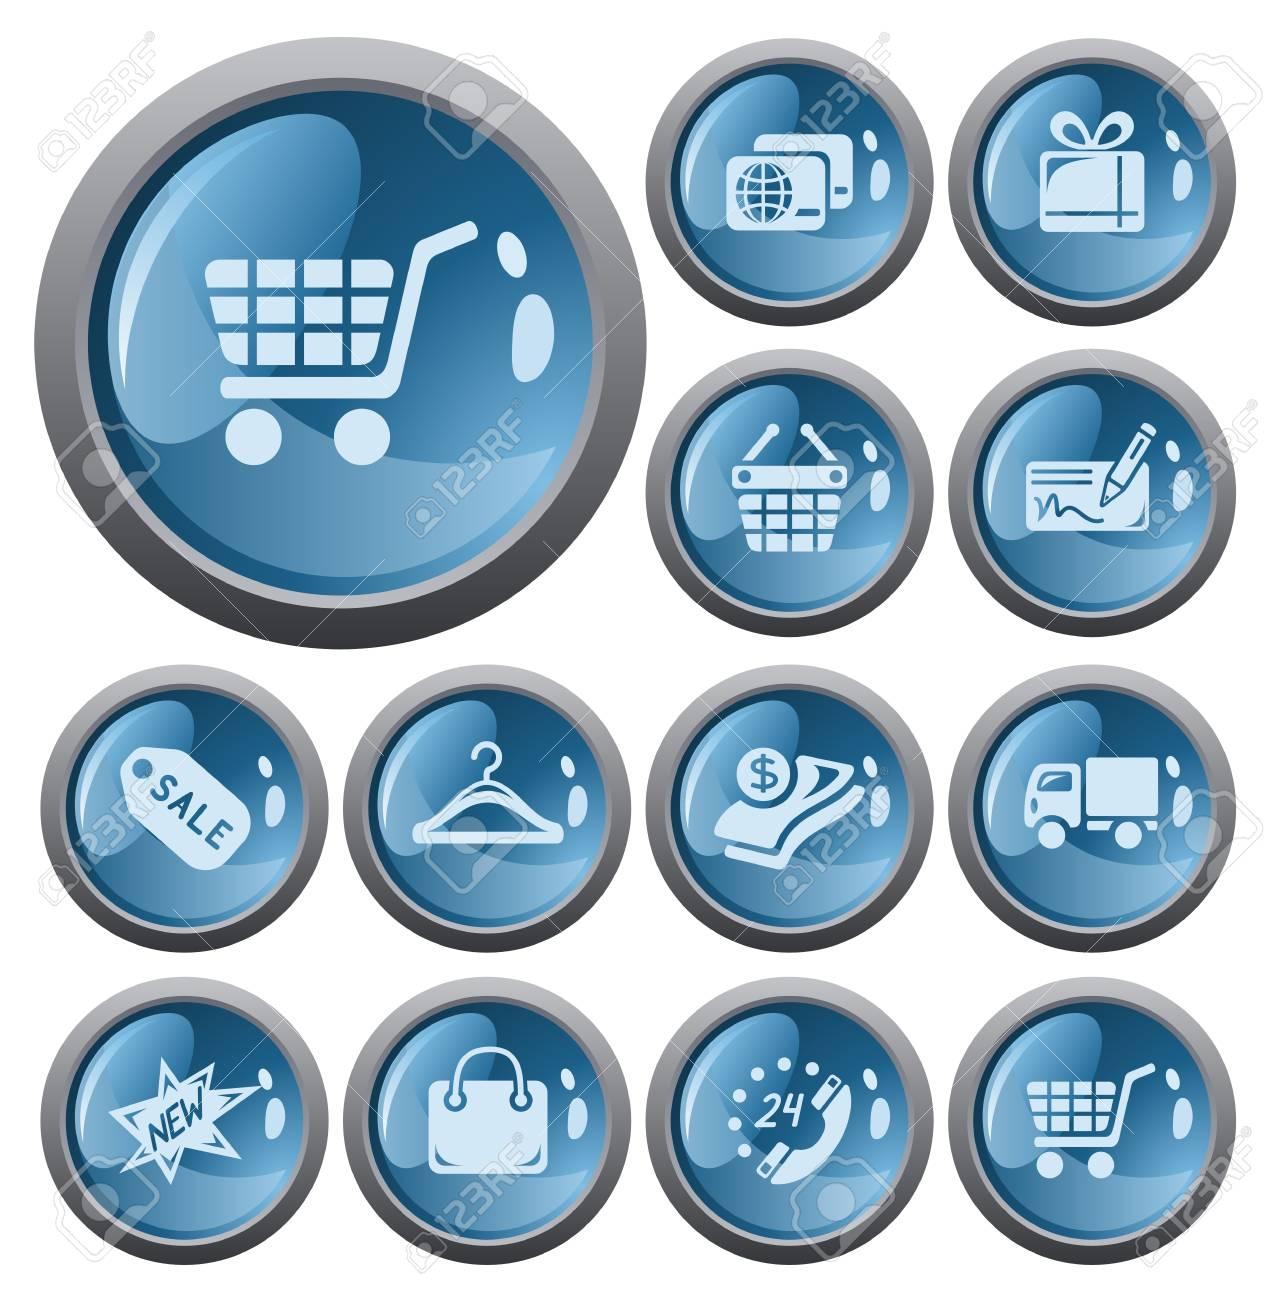 Shopping button set Stock Vector - 17773448